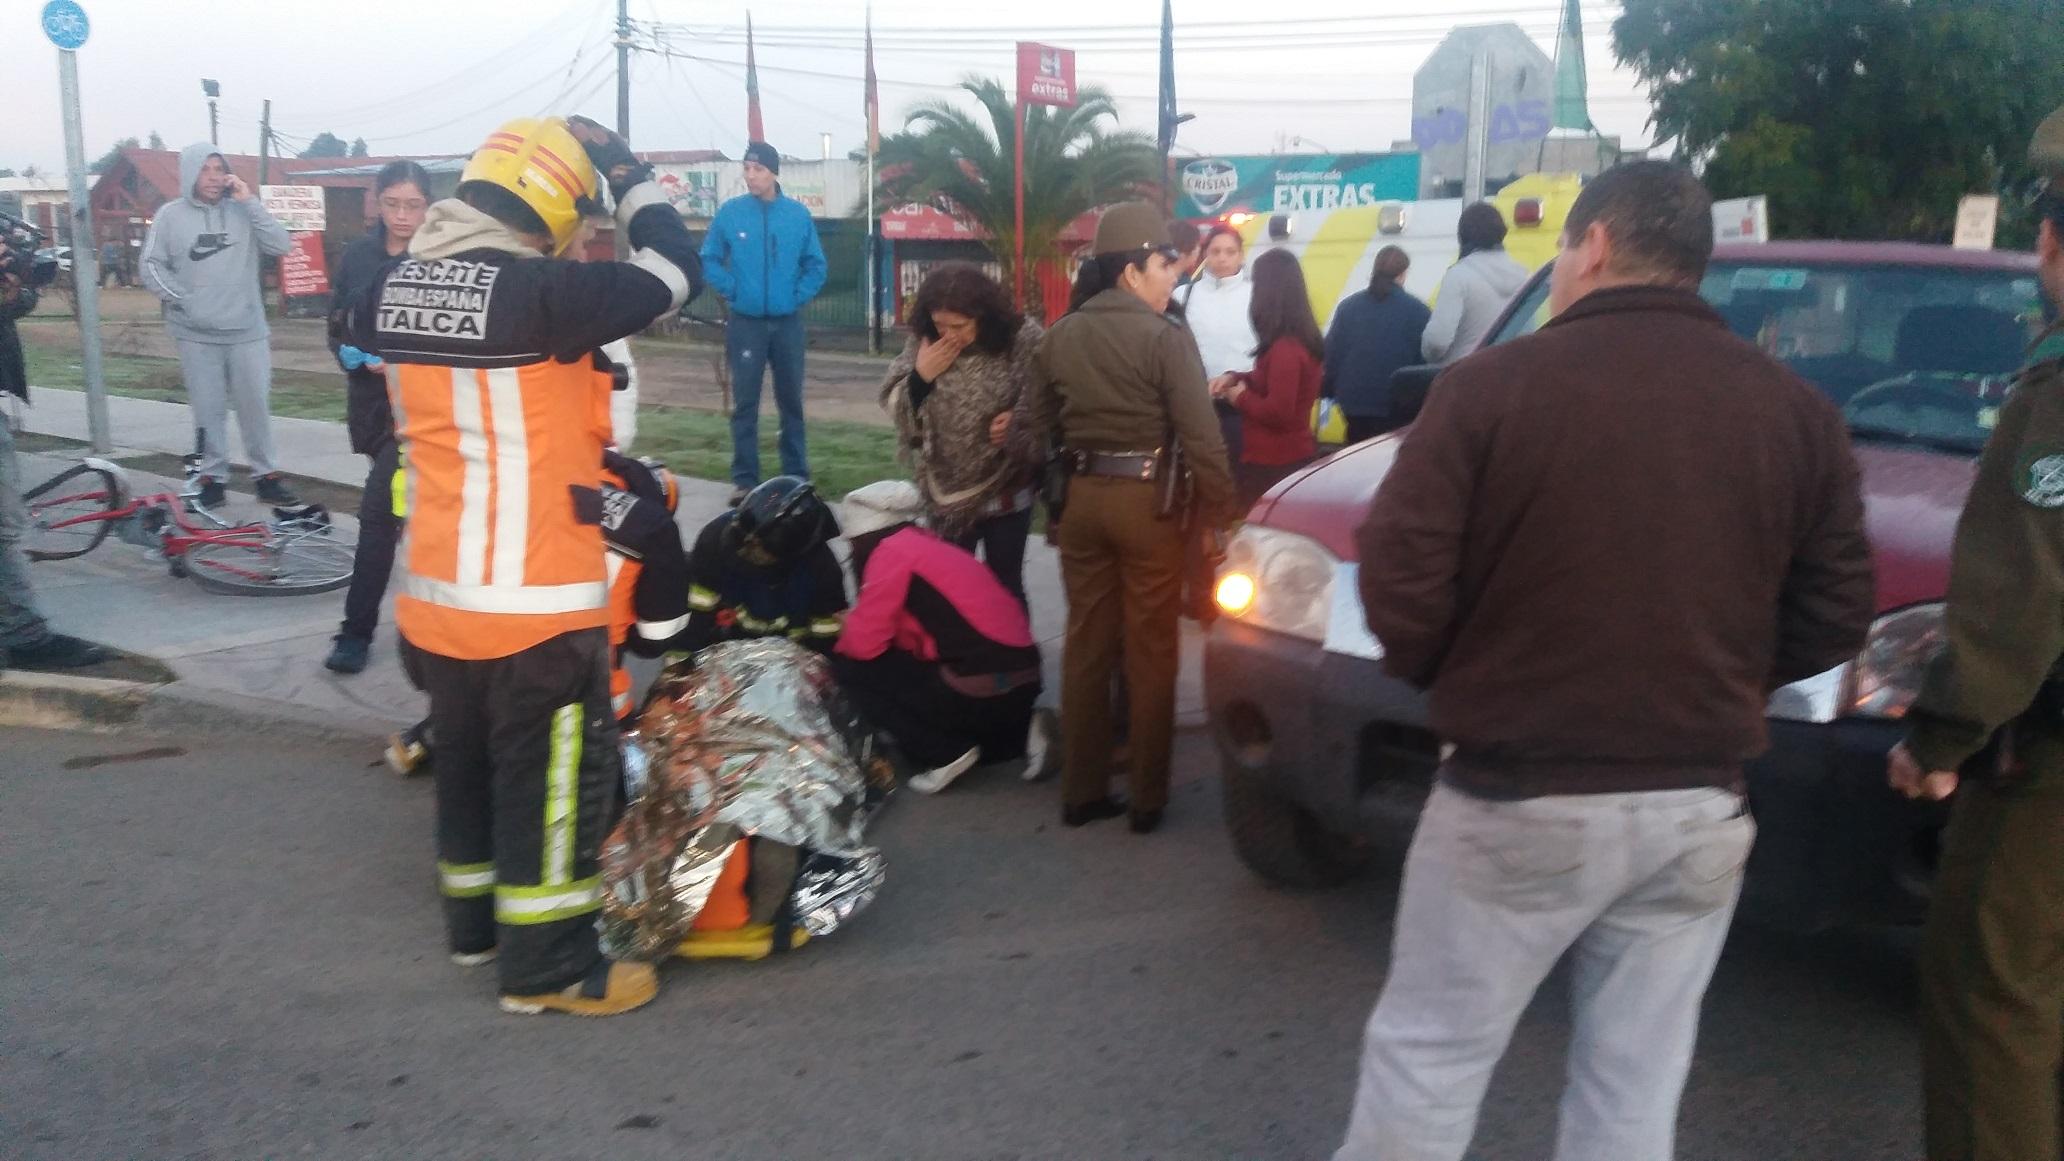 Colisión de ciclista con camioneta moviliza a la unidad de rescate del cuerpo de  bomberos de Talca